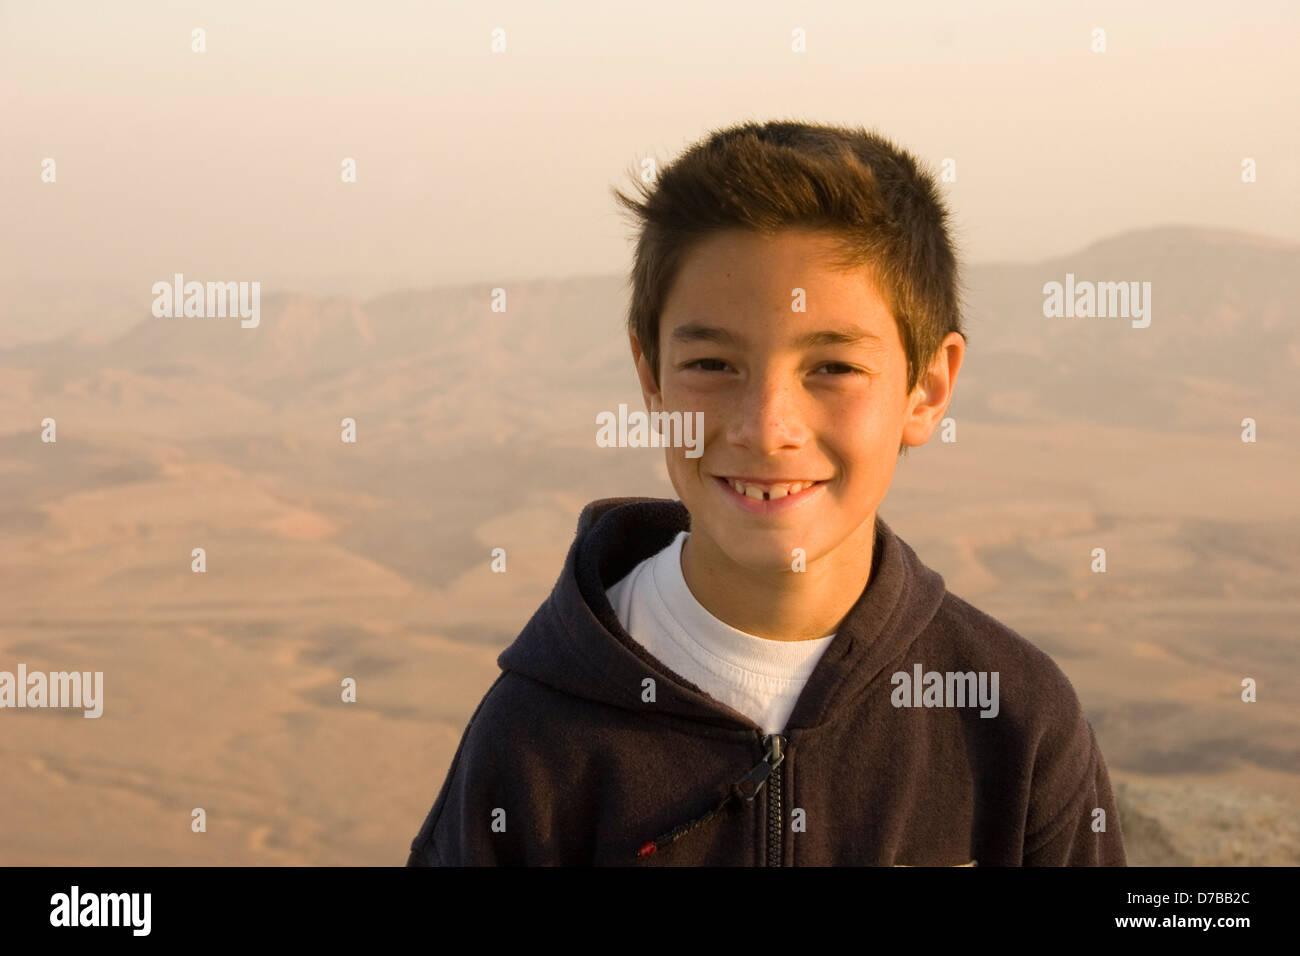 Israeli boy age 9 - Stock Image